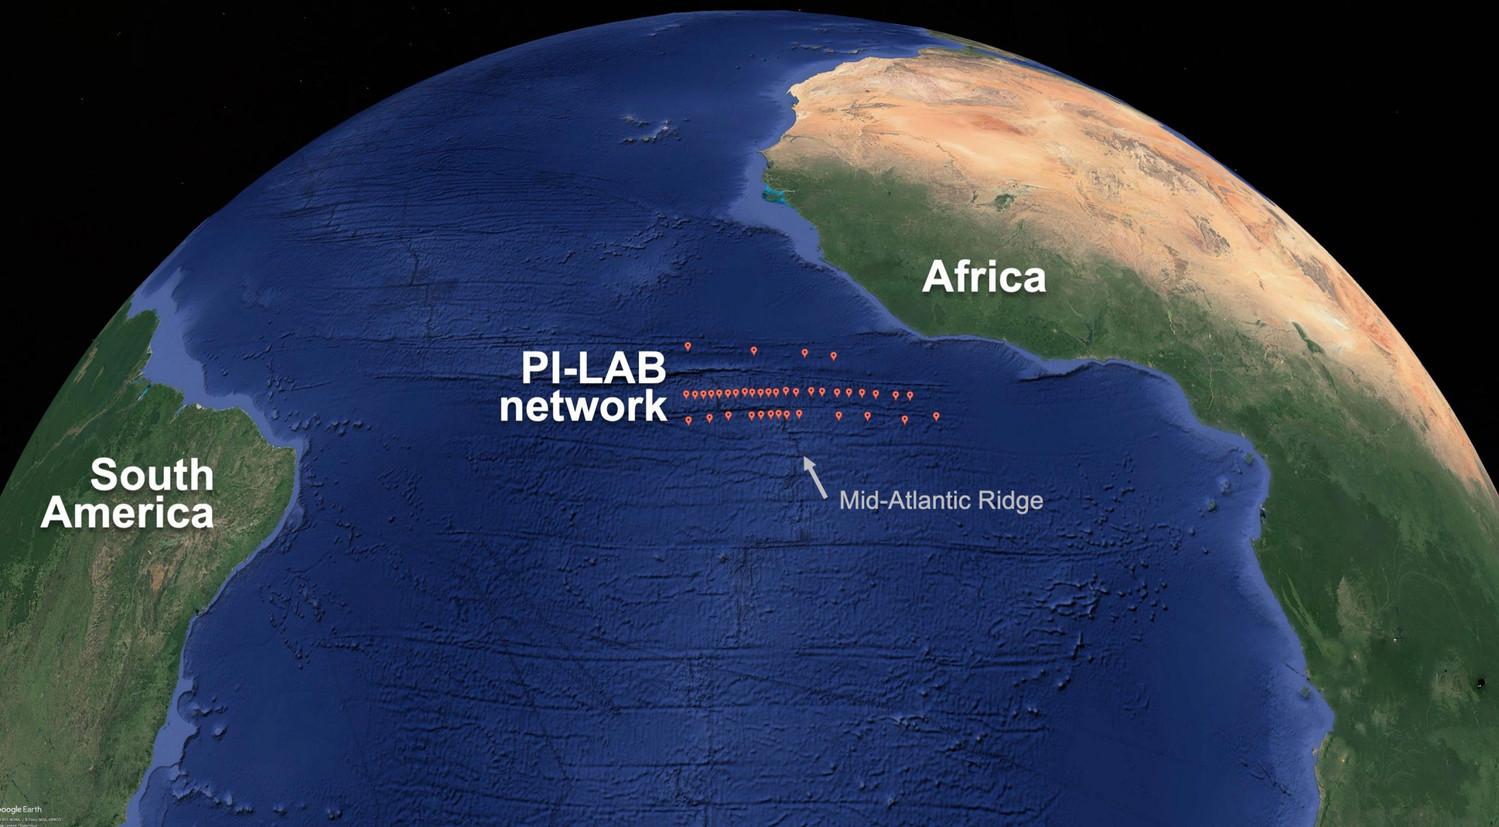 Северная и Южная Америка постепенно отдаляются от Евразии и Африки